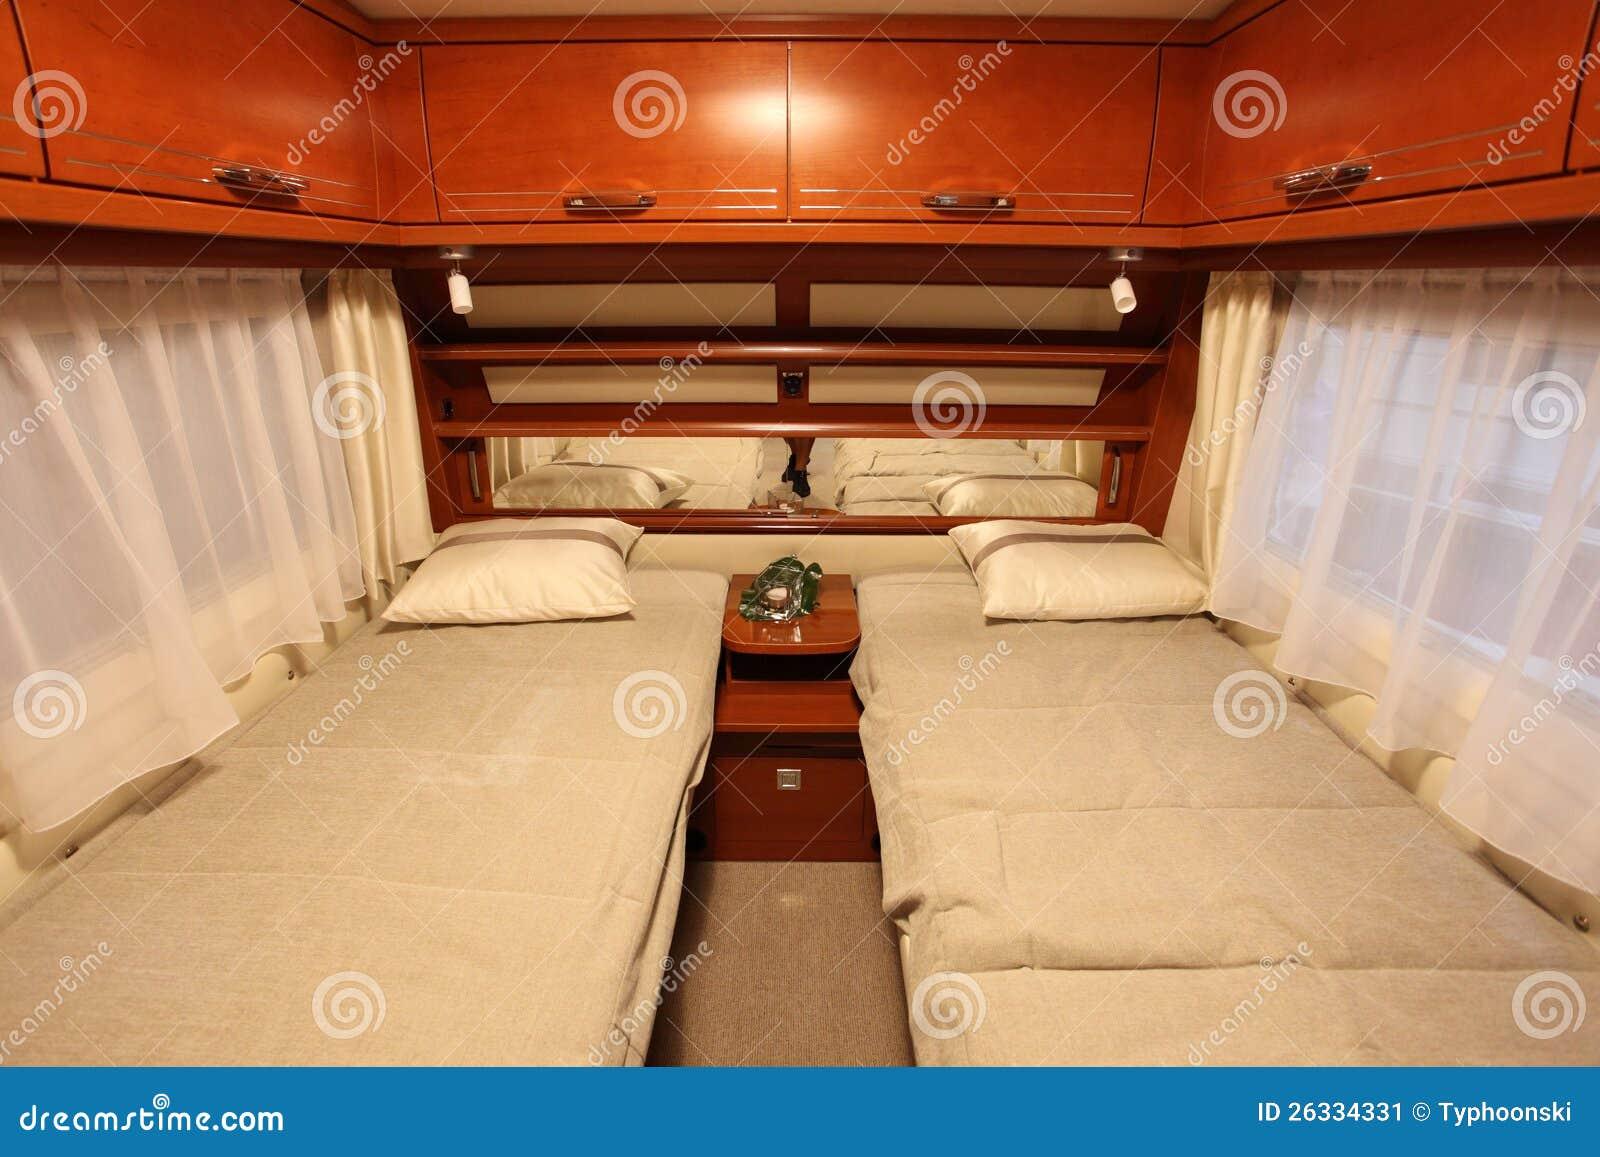 Int rieur de chambre coucher d 39 une caravane r sidentielle photo ditorial image du campeur - Interieur chambre ...